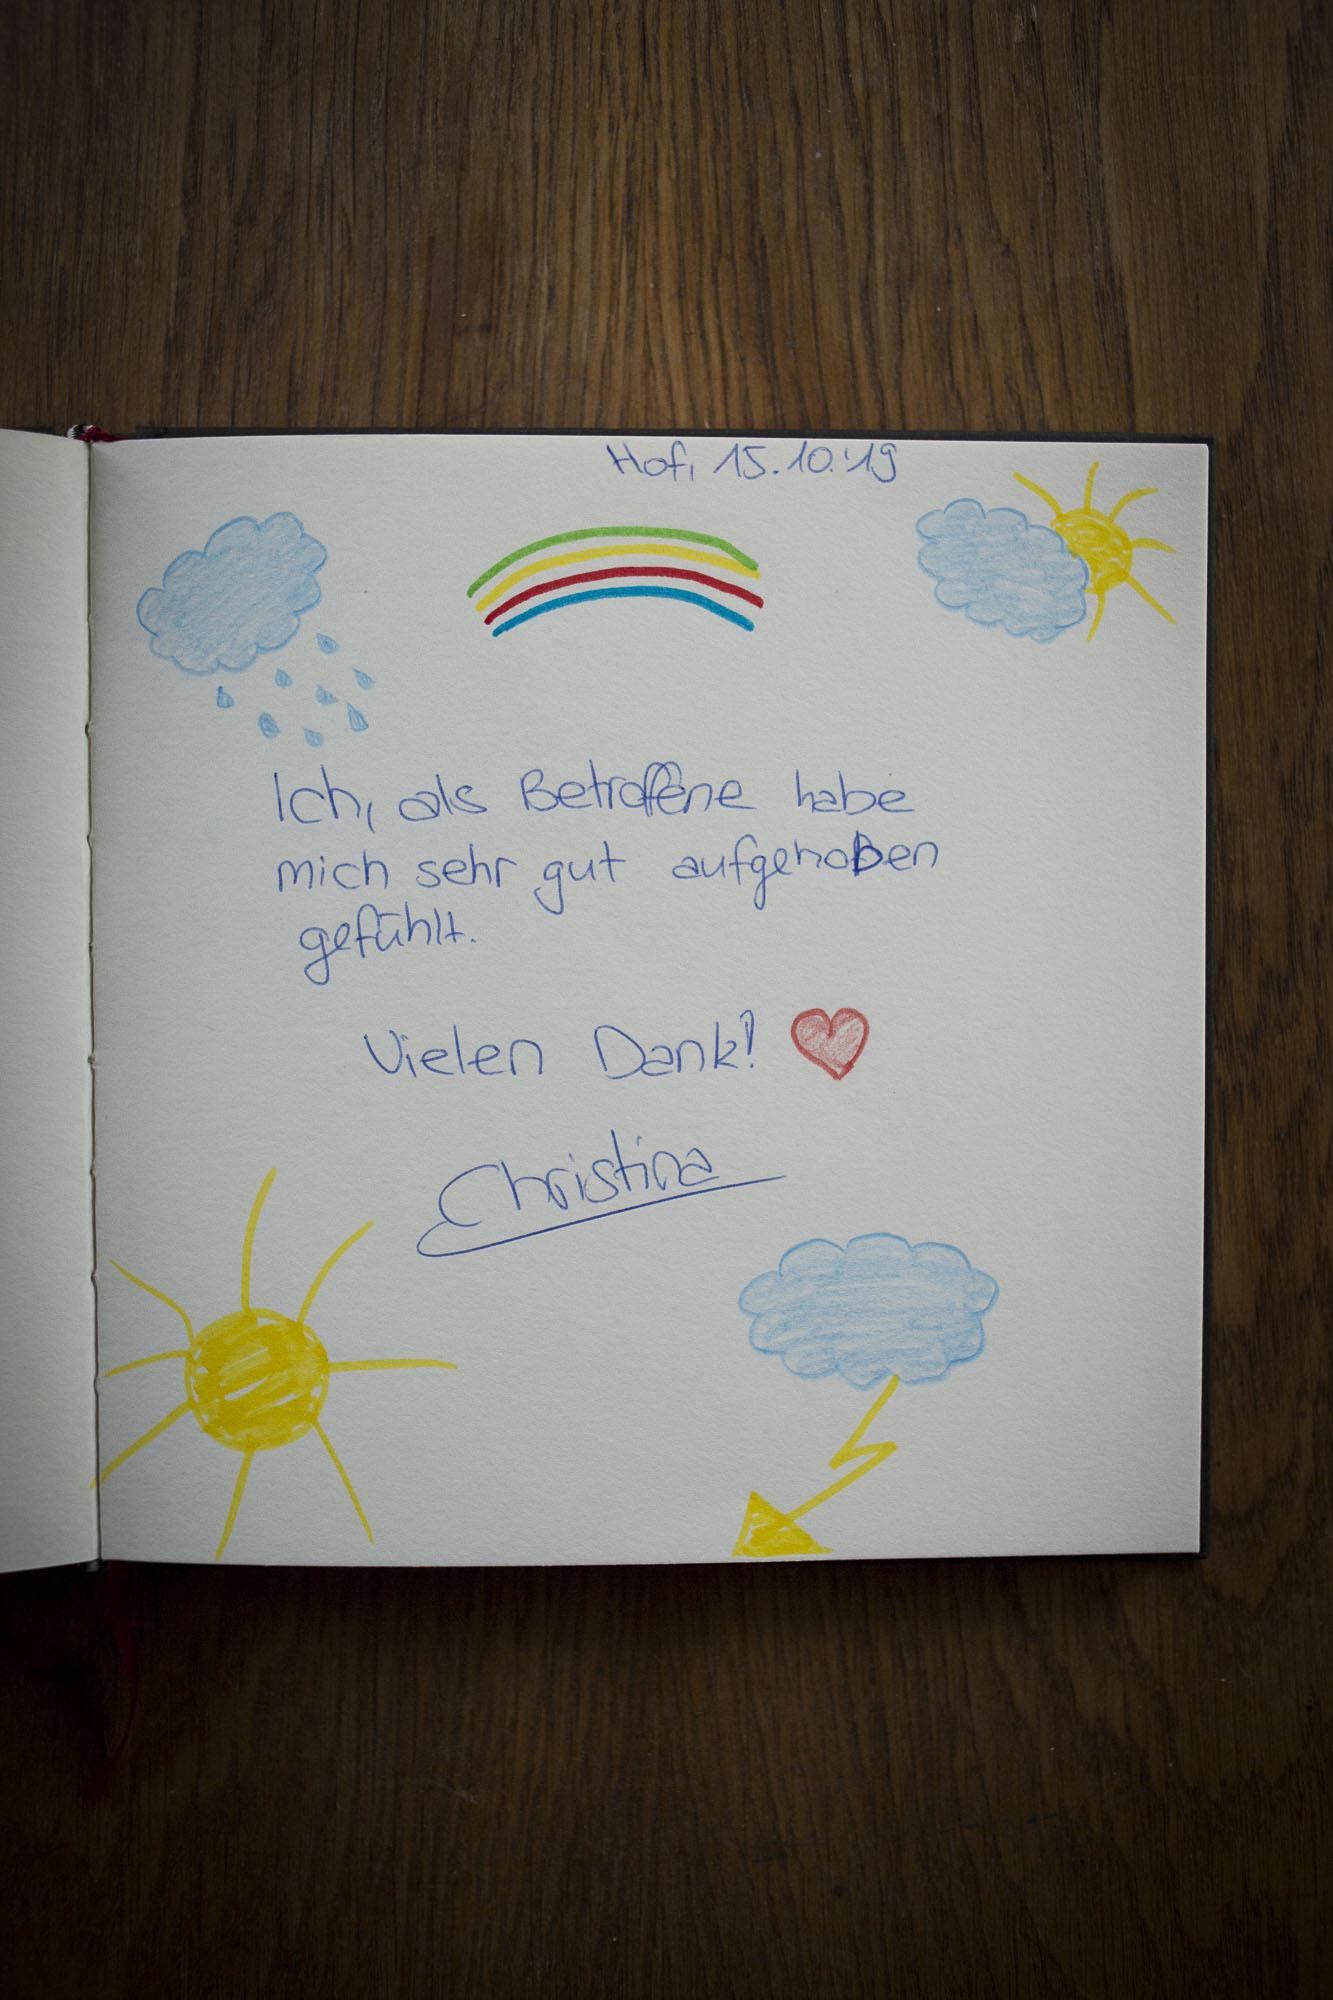 Vortrag_Depression_Nora-Klein-Fotografie_Feedback